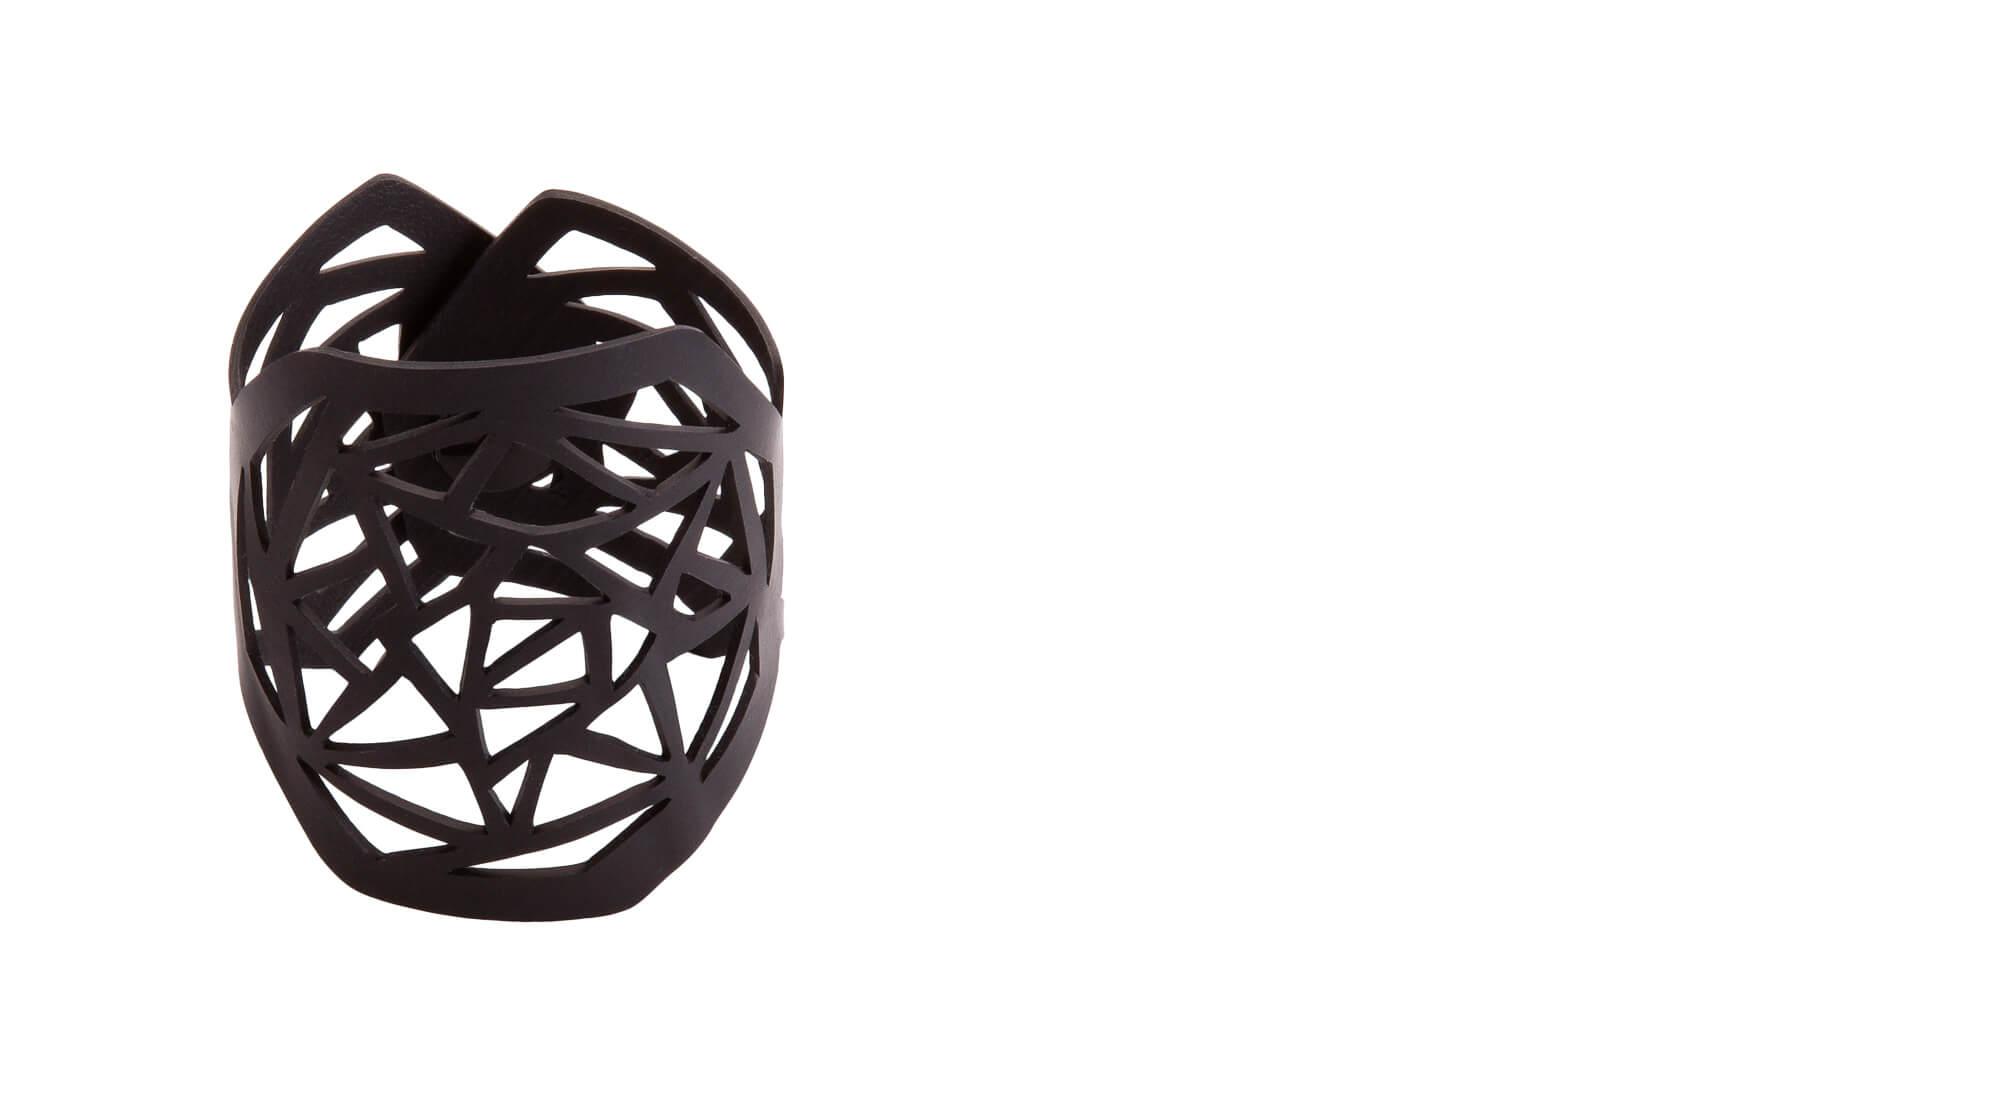 Recycled bracelets made of innertube